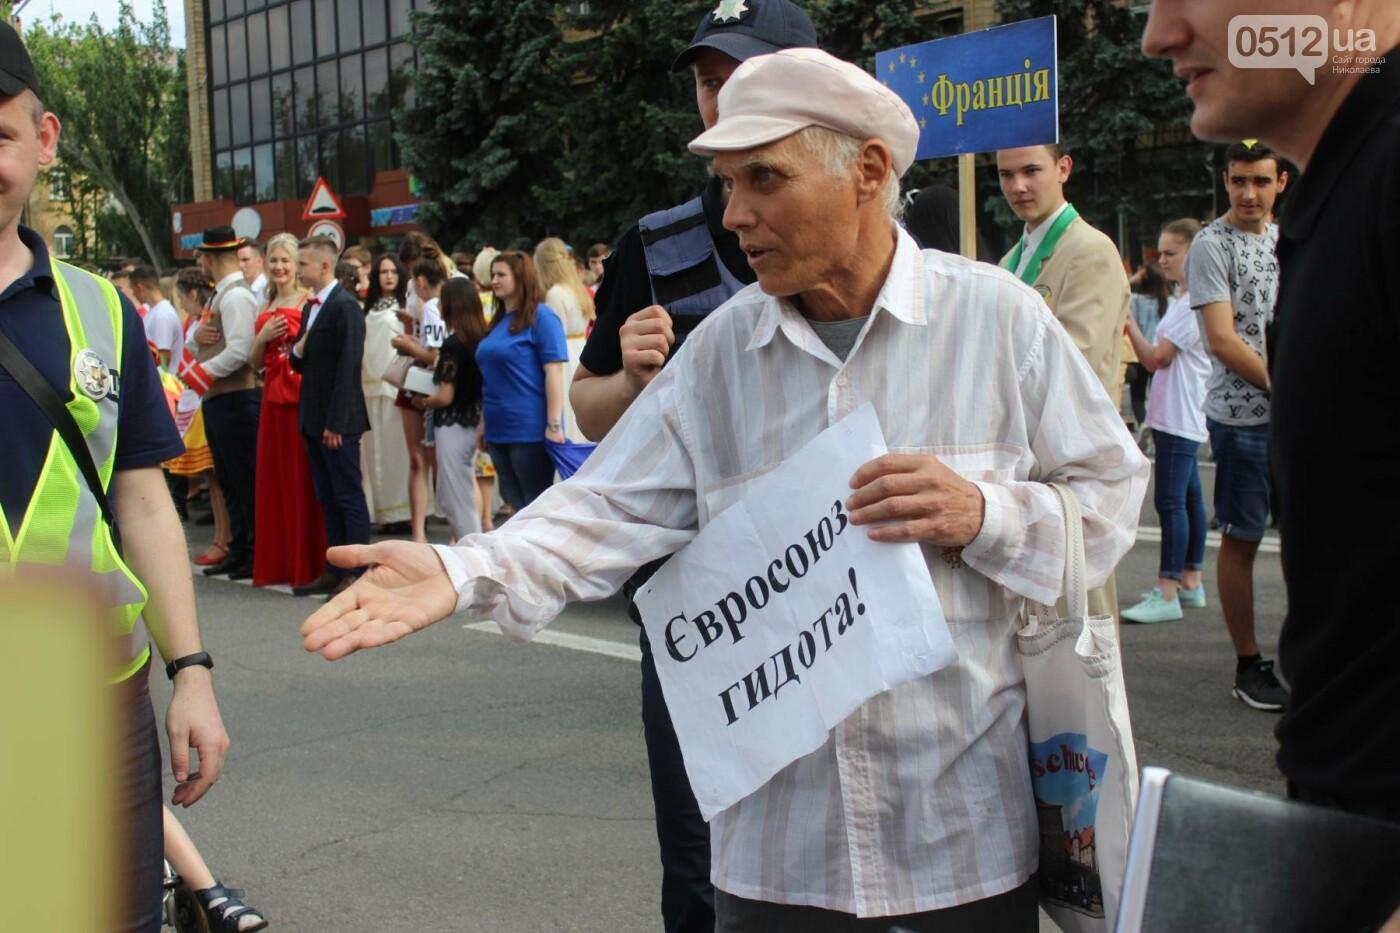 В Николаеве день Европы не обошелся без провокаций, - ФОТО, ВИДЕО, фото-1